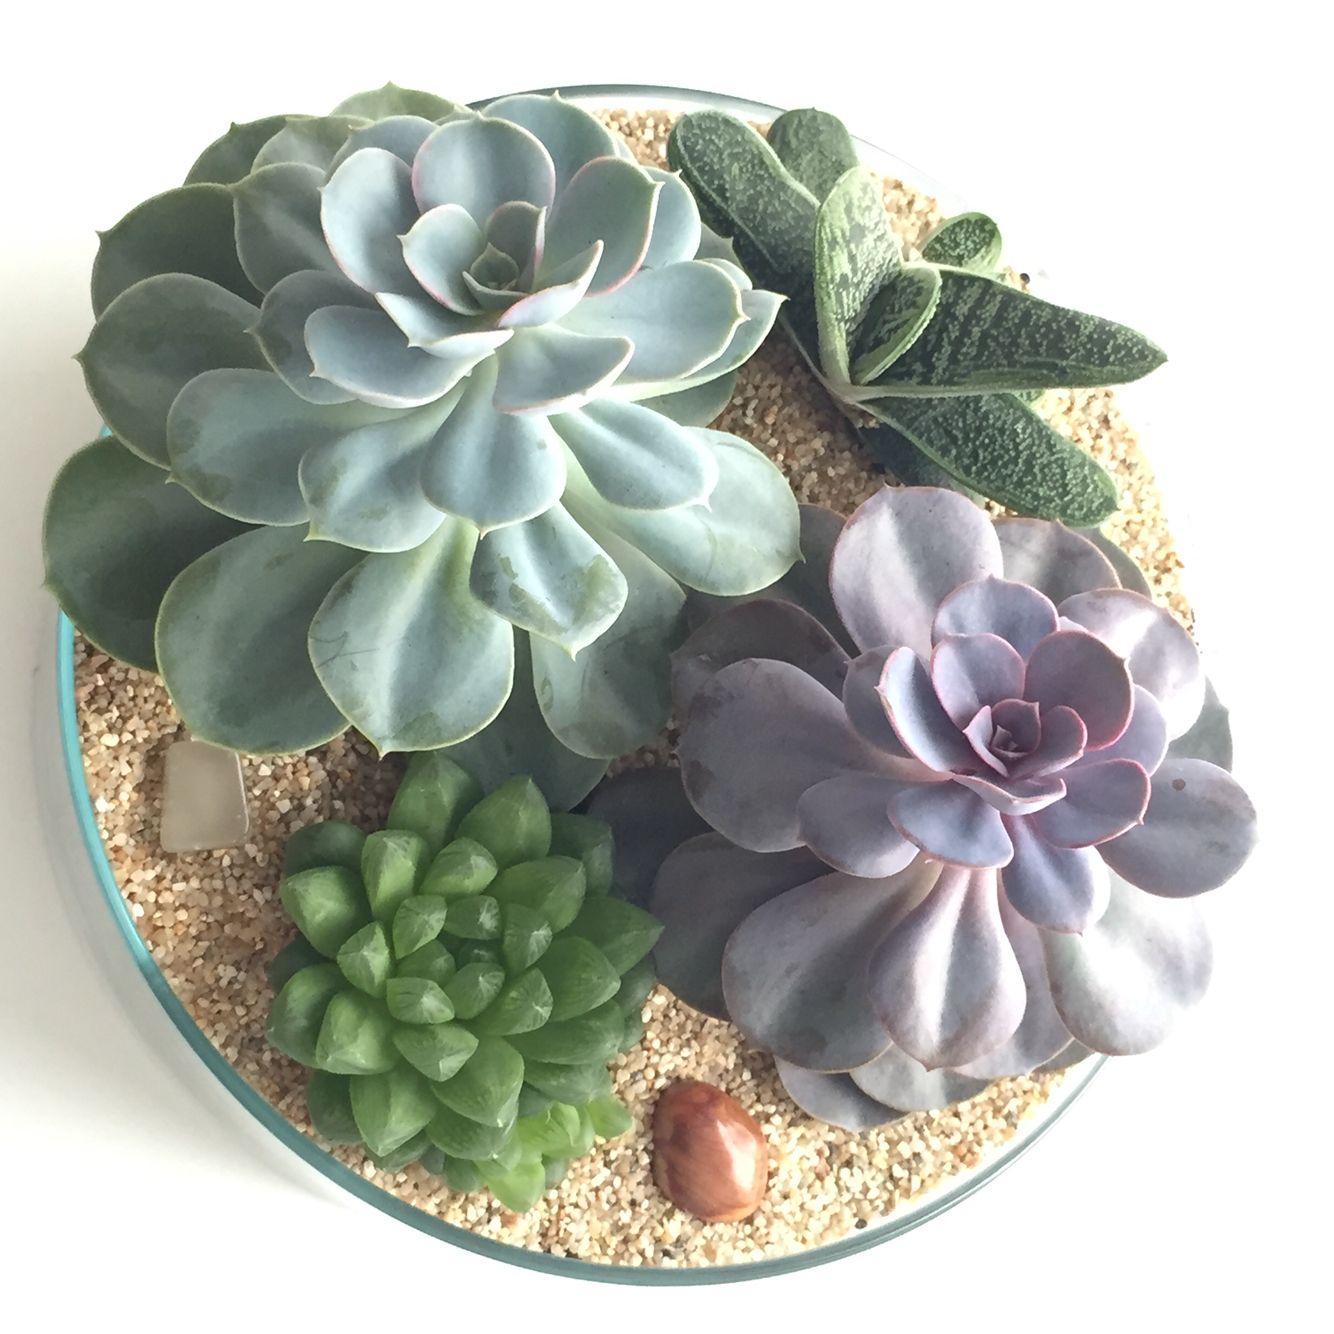 Pot#1 / Echeveria Perle von Nürnberg / Echeveria Glauca / Gasteria Little Warty / Haworthia cooperi